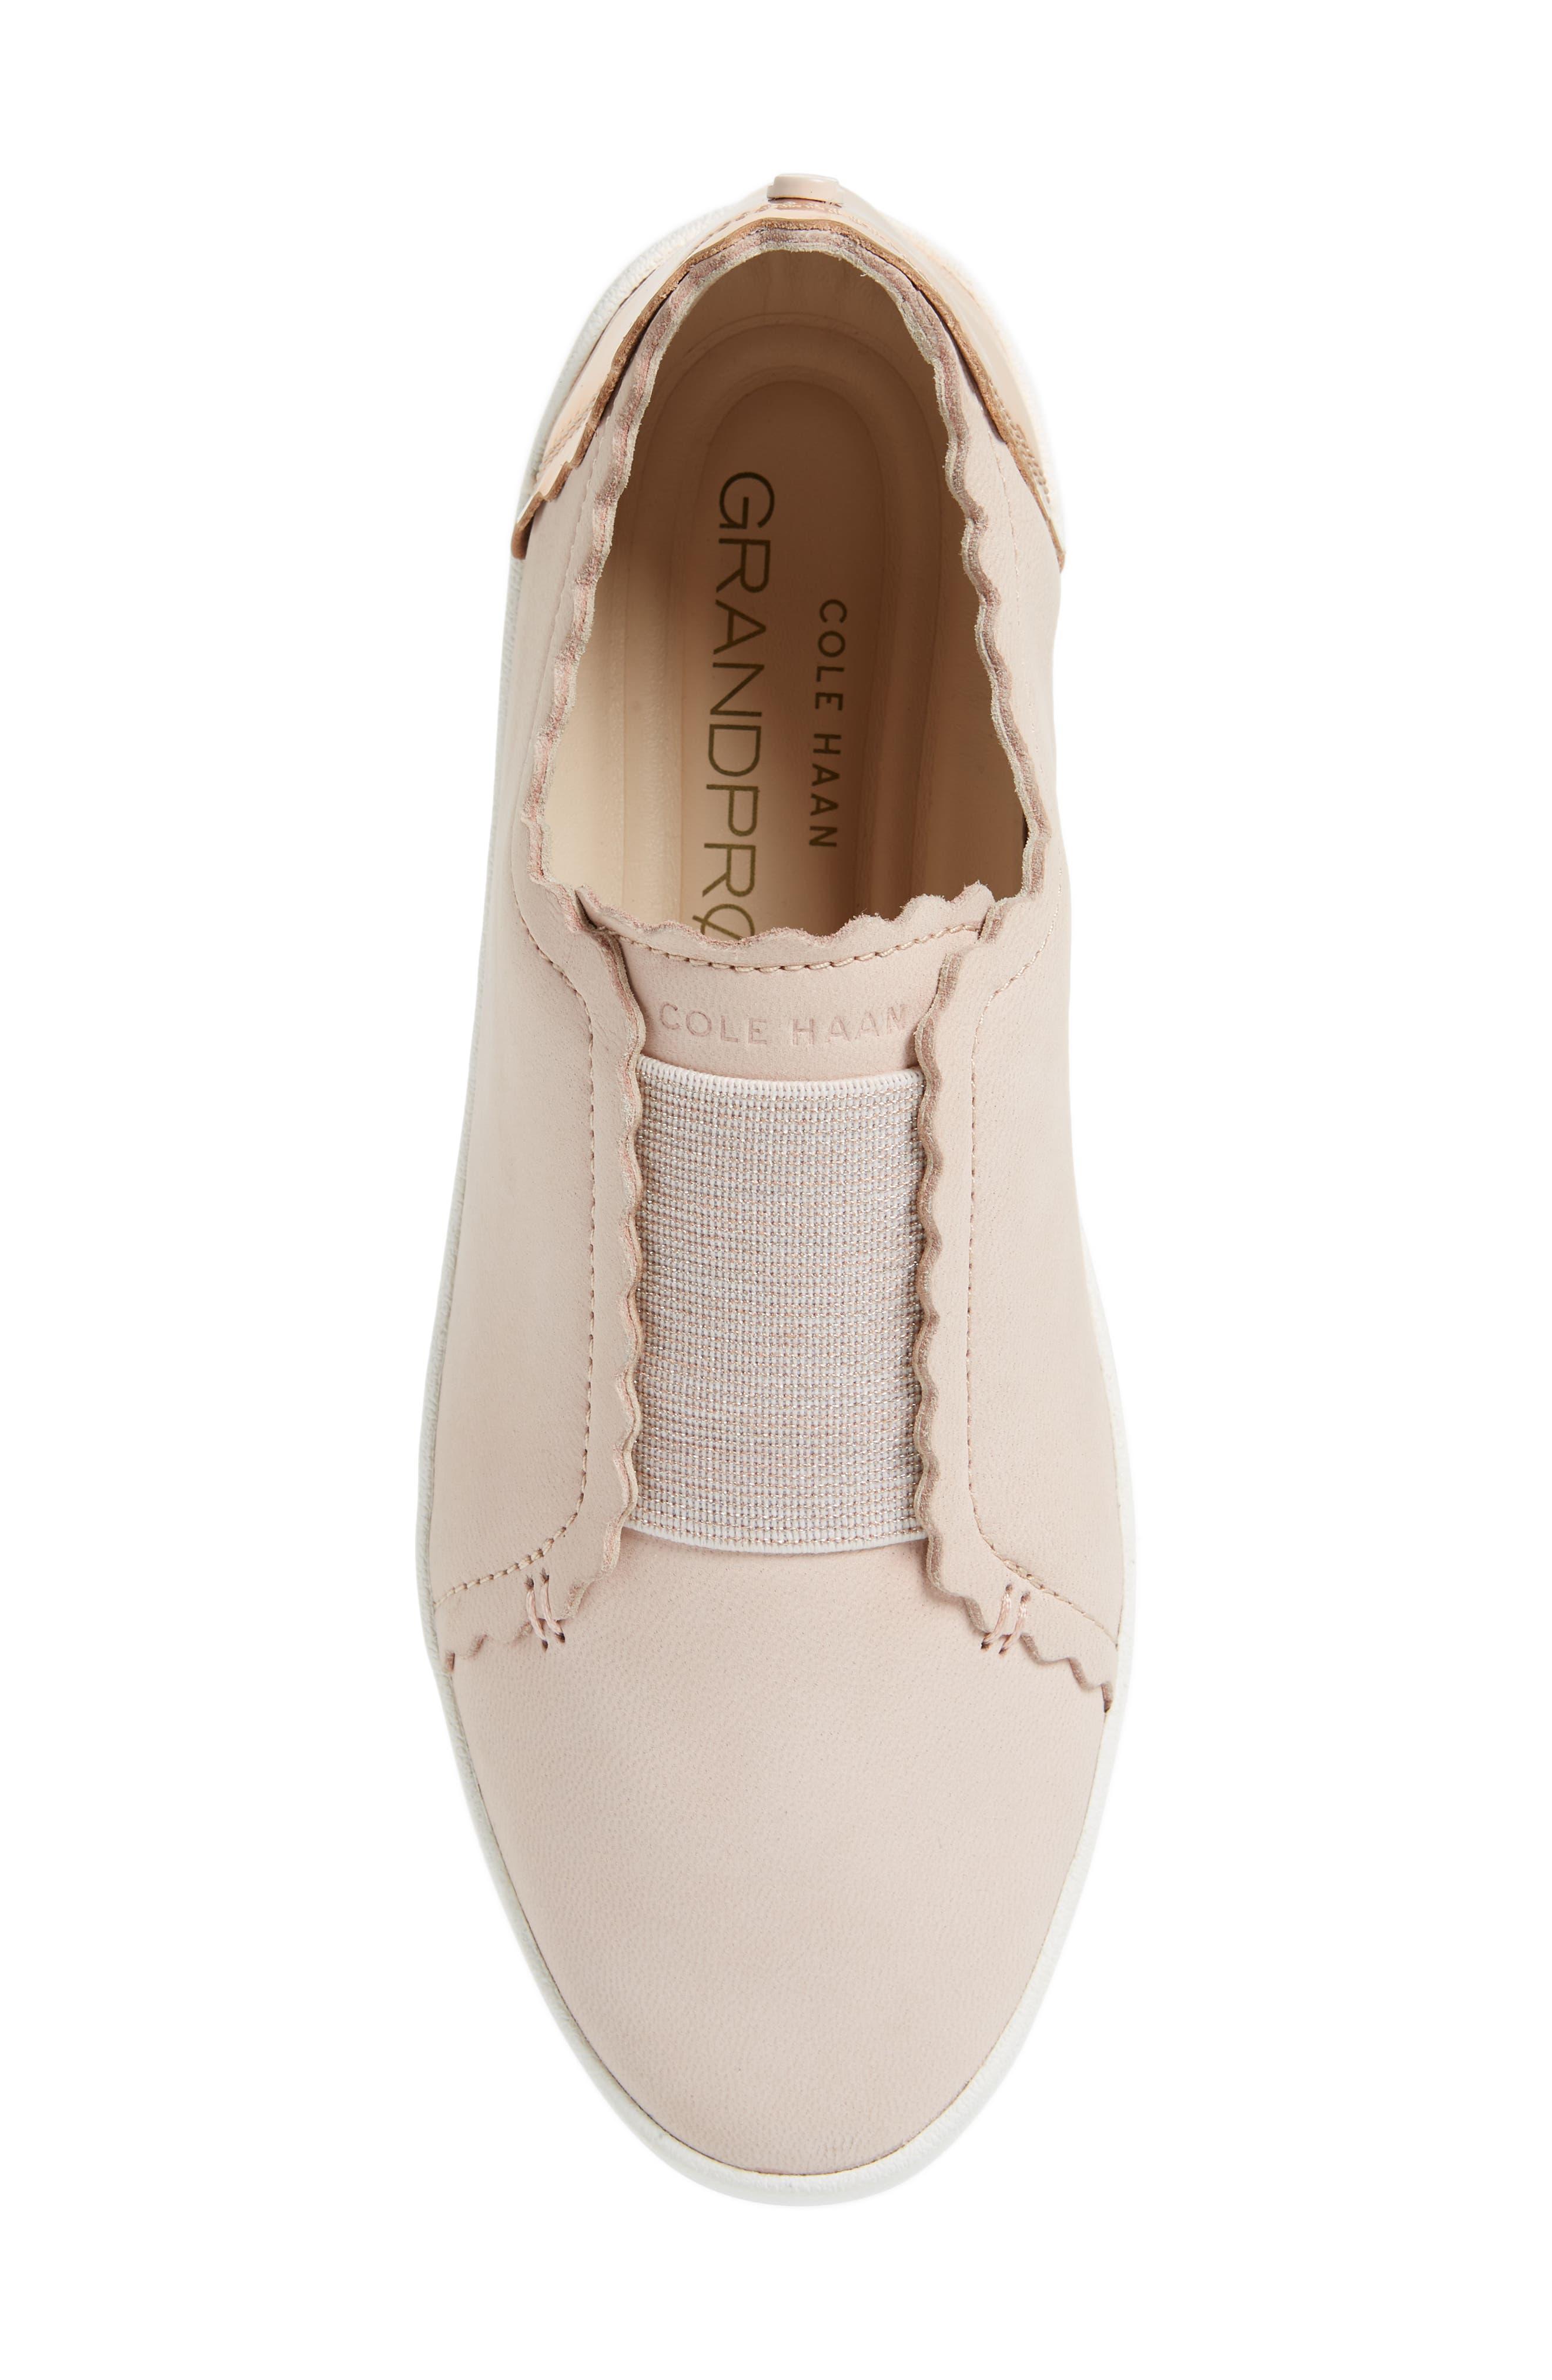 GrandPro Spectator Scalloped Slip-On Sneaker,                             Alternate thumbnail 5, color,                             651